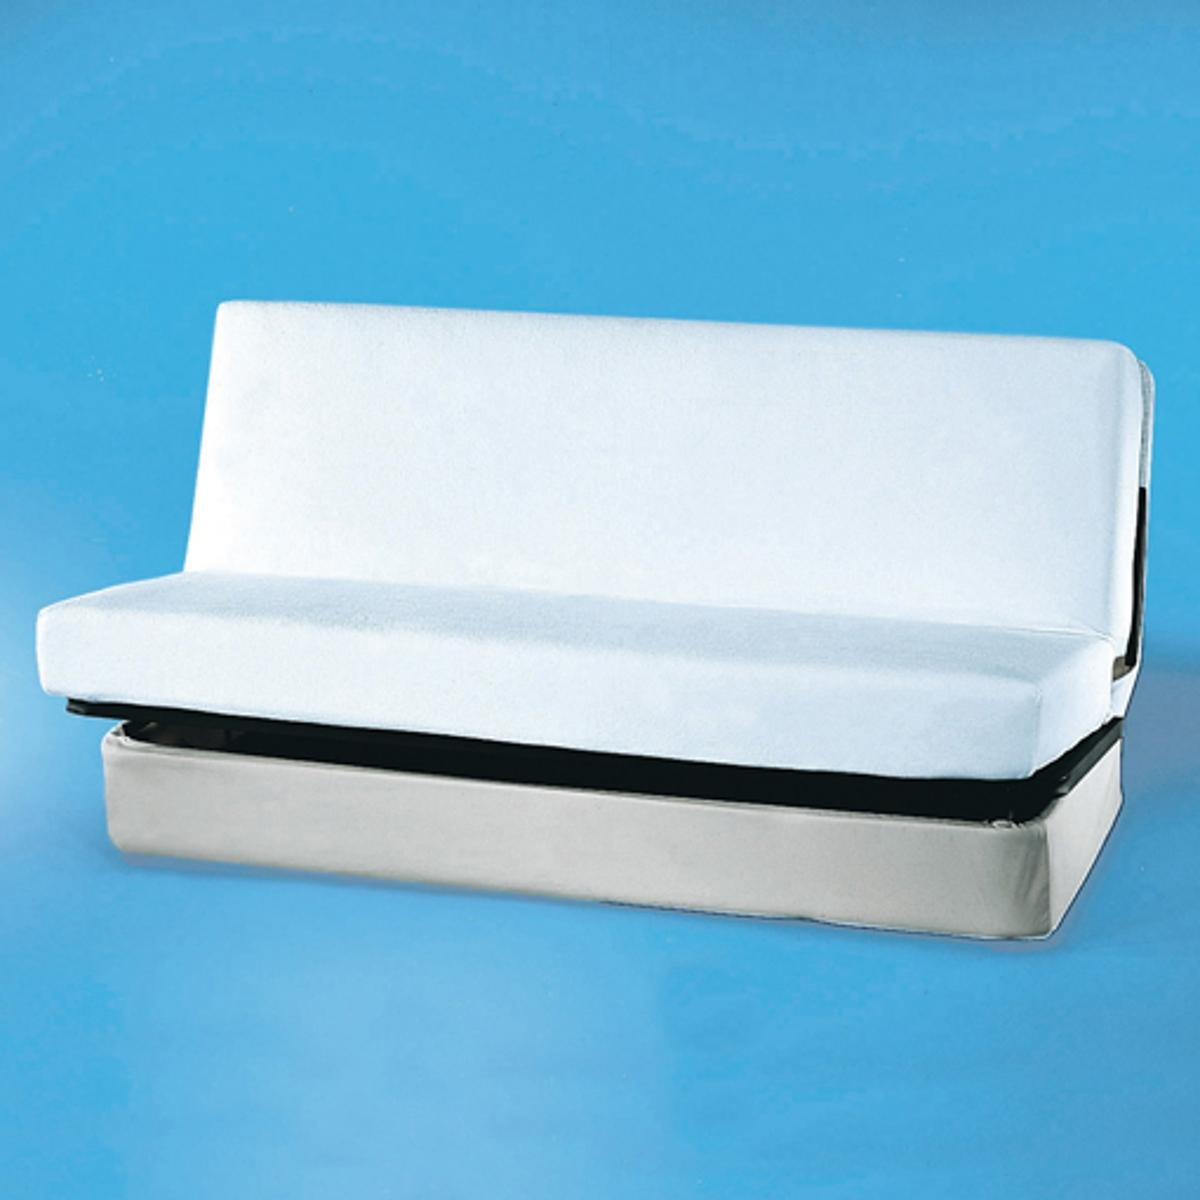 Защитный La Redoute Чехол из эластичной губчатой ткани для складного матраса 130 x 190 см белый чехол la redoute защитный для матраса гм из махровой ткани с непромокаемым покрытием из пвх 60 x 120 см белый